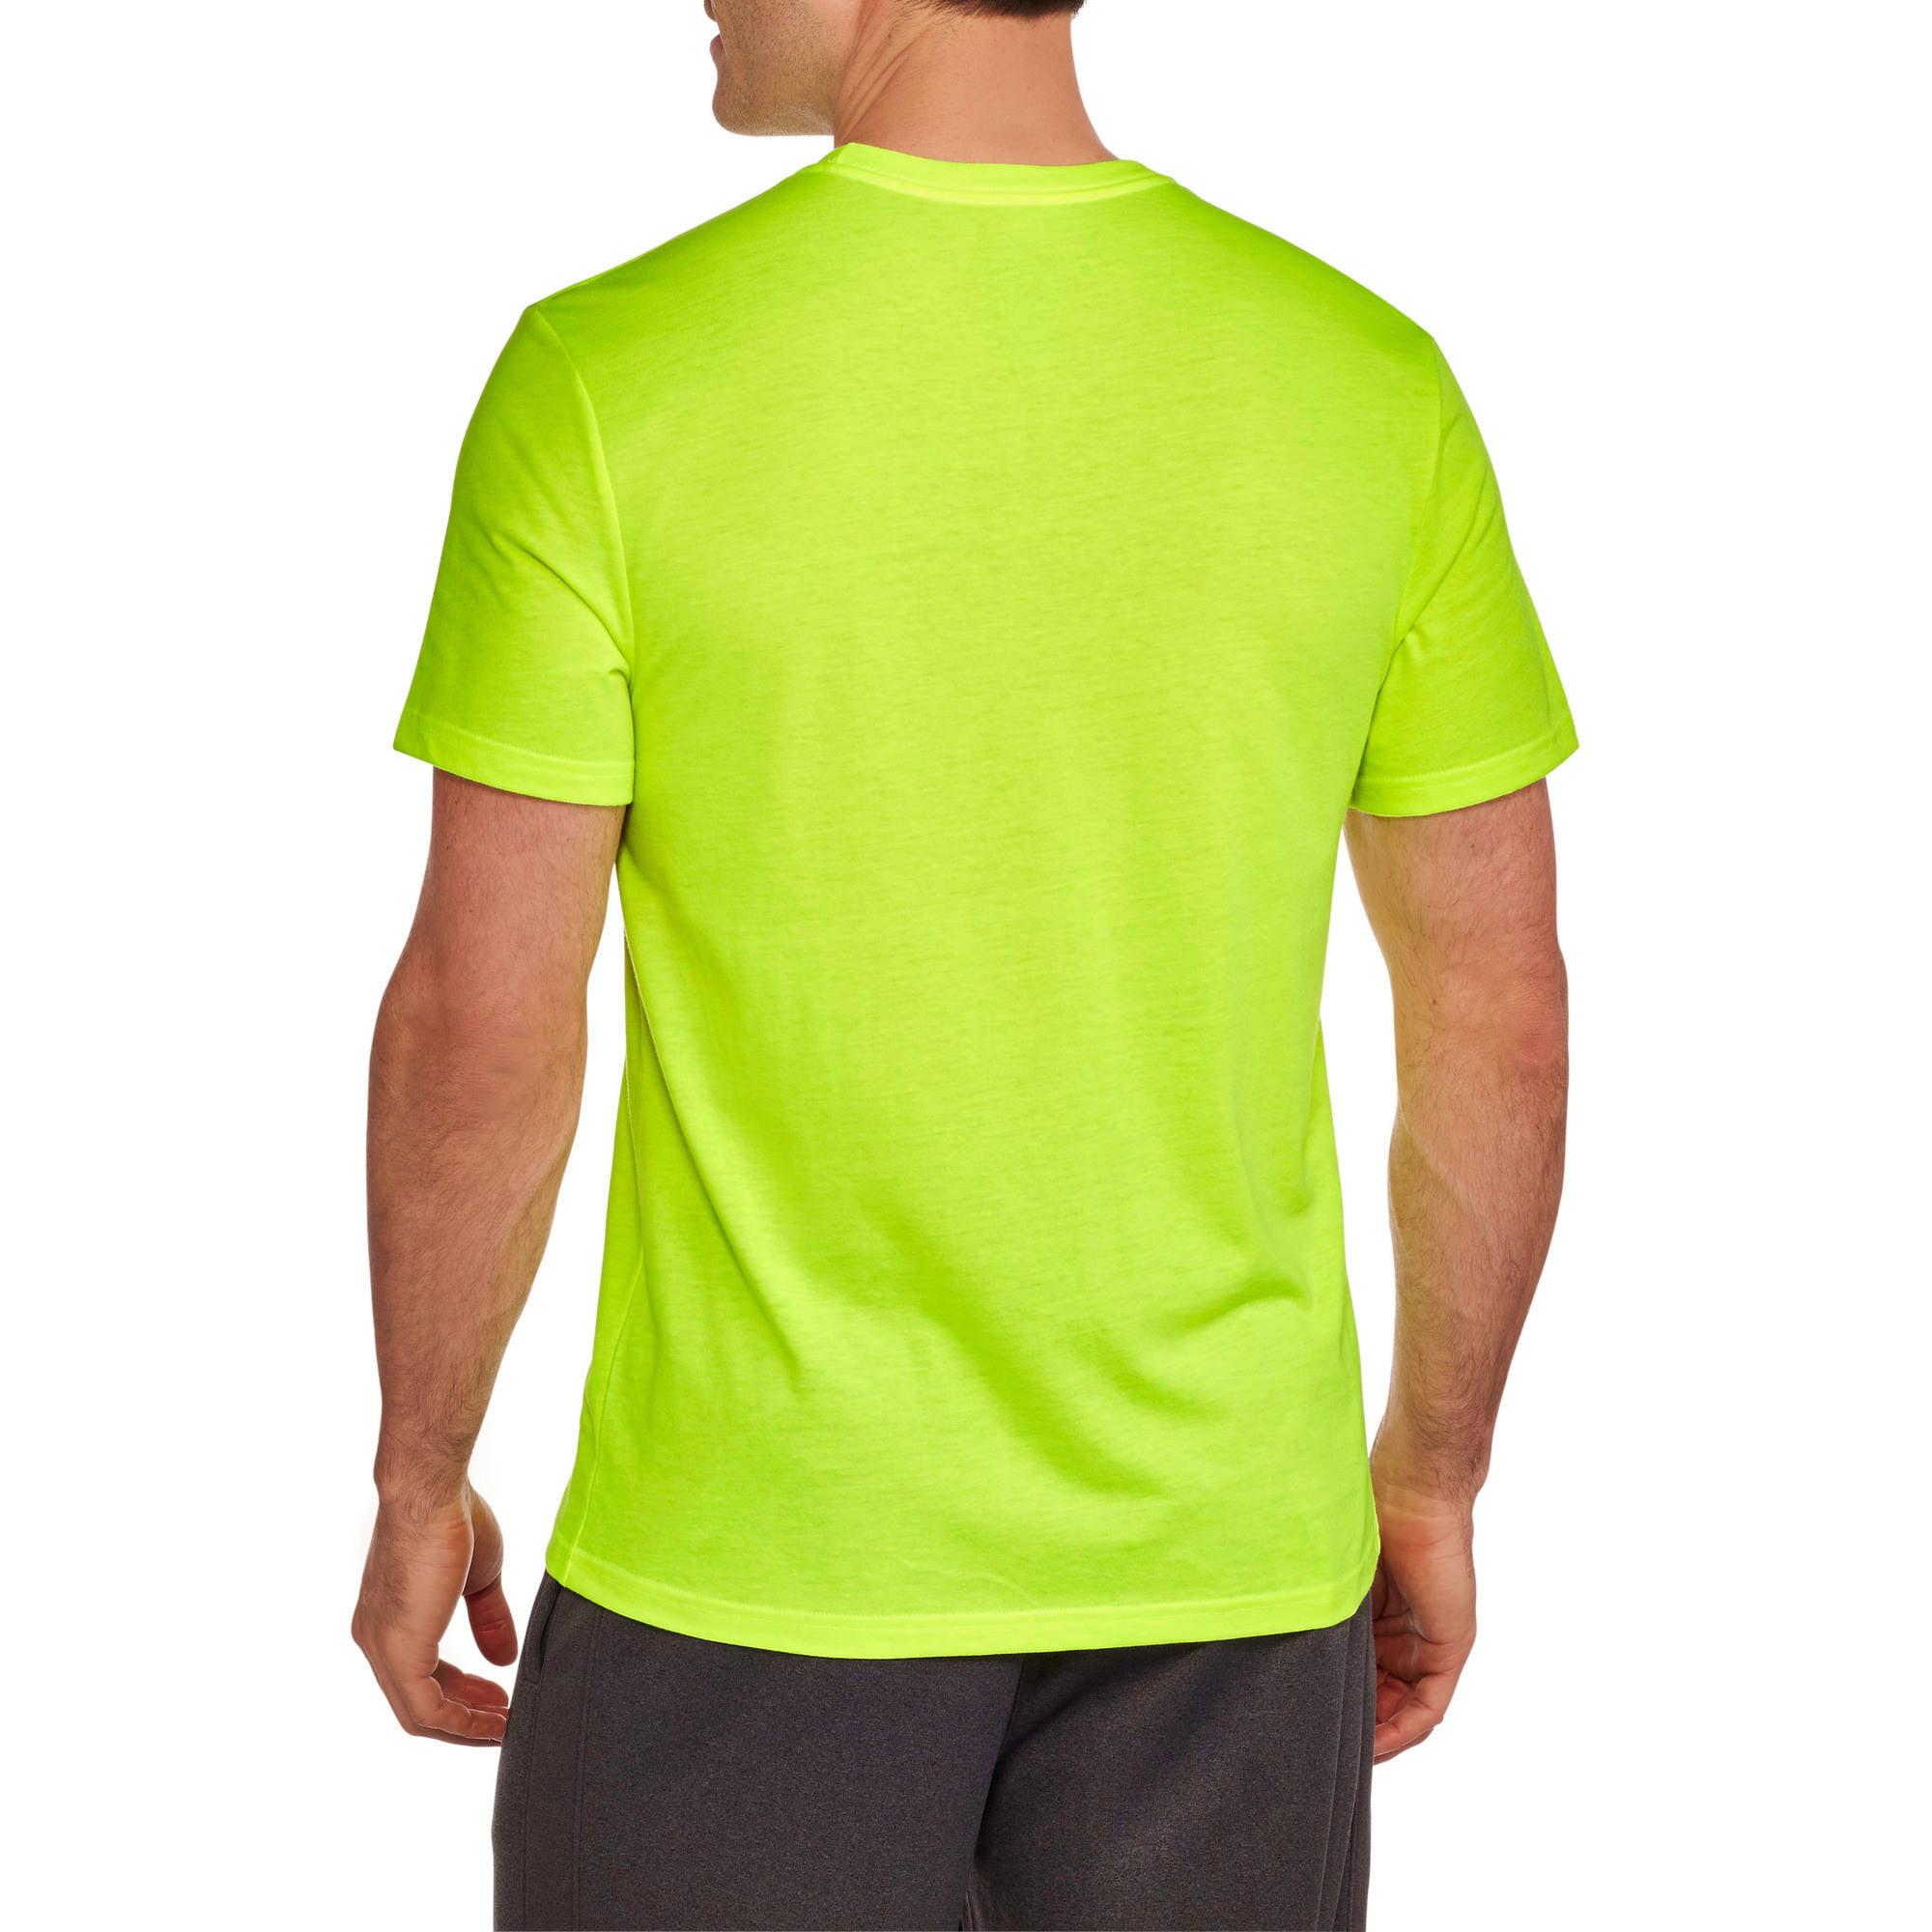 Athletic Works Men's Active Tee - Walmart.com